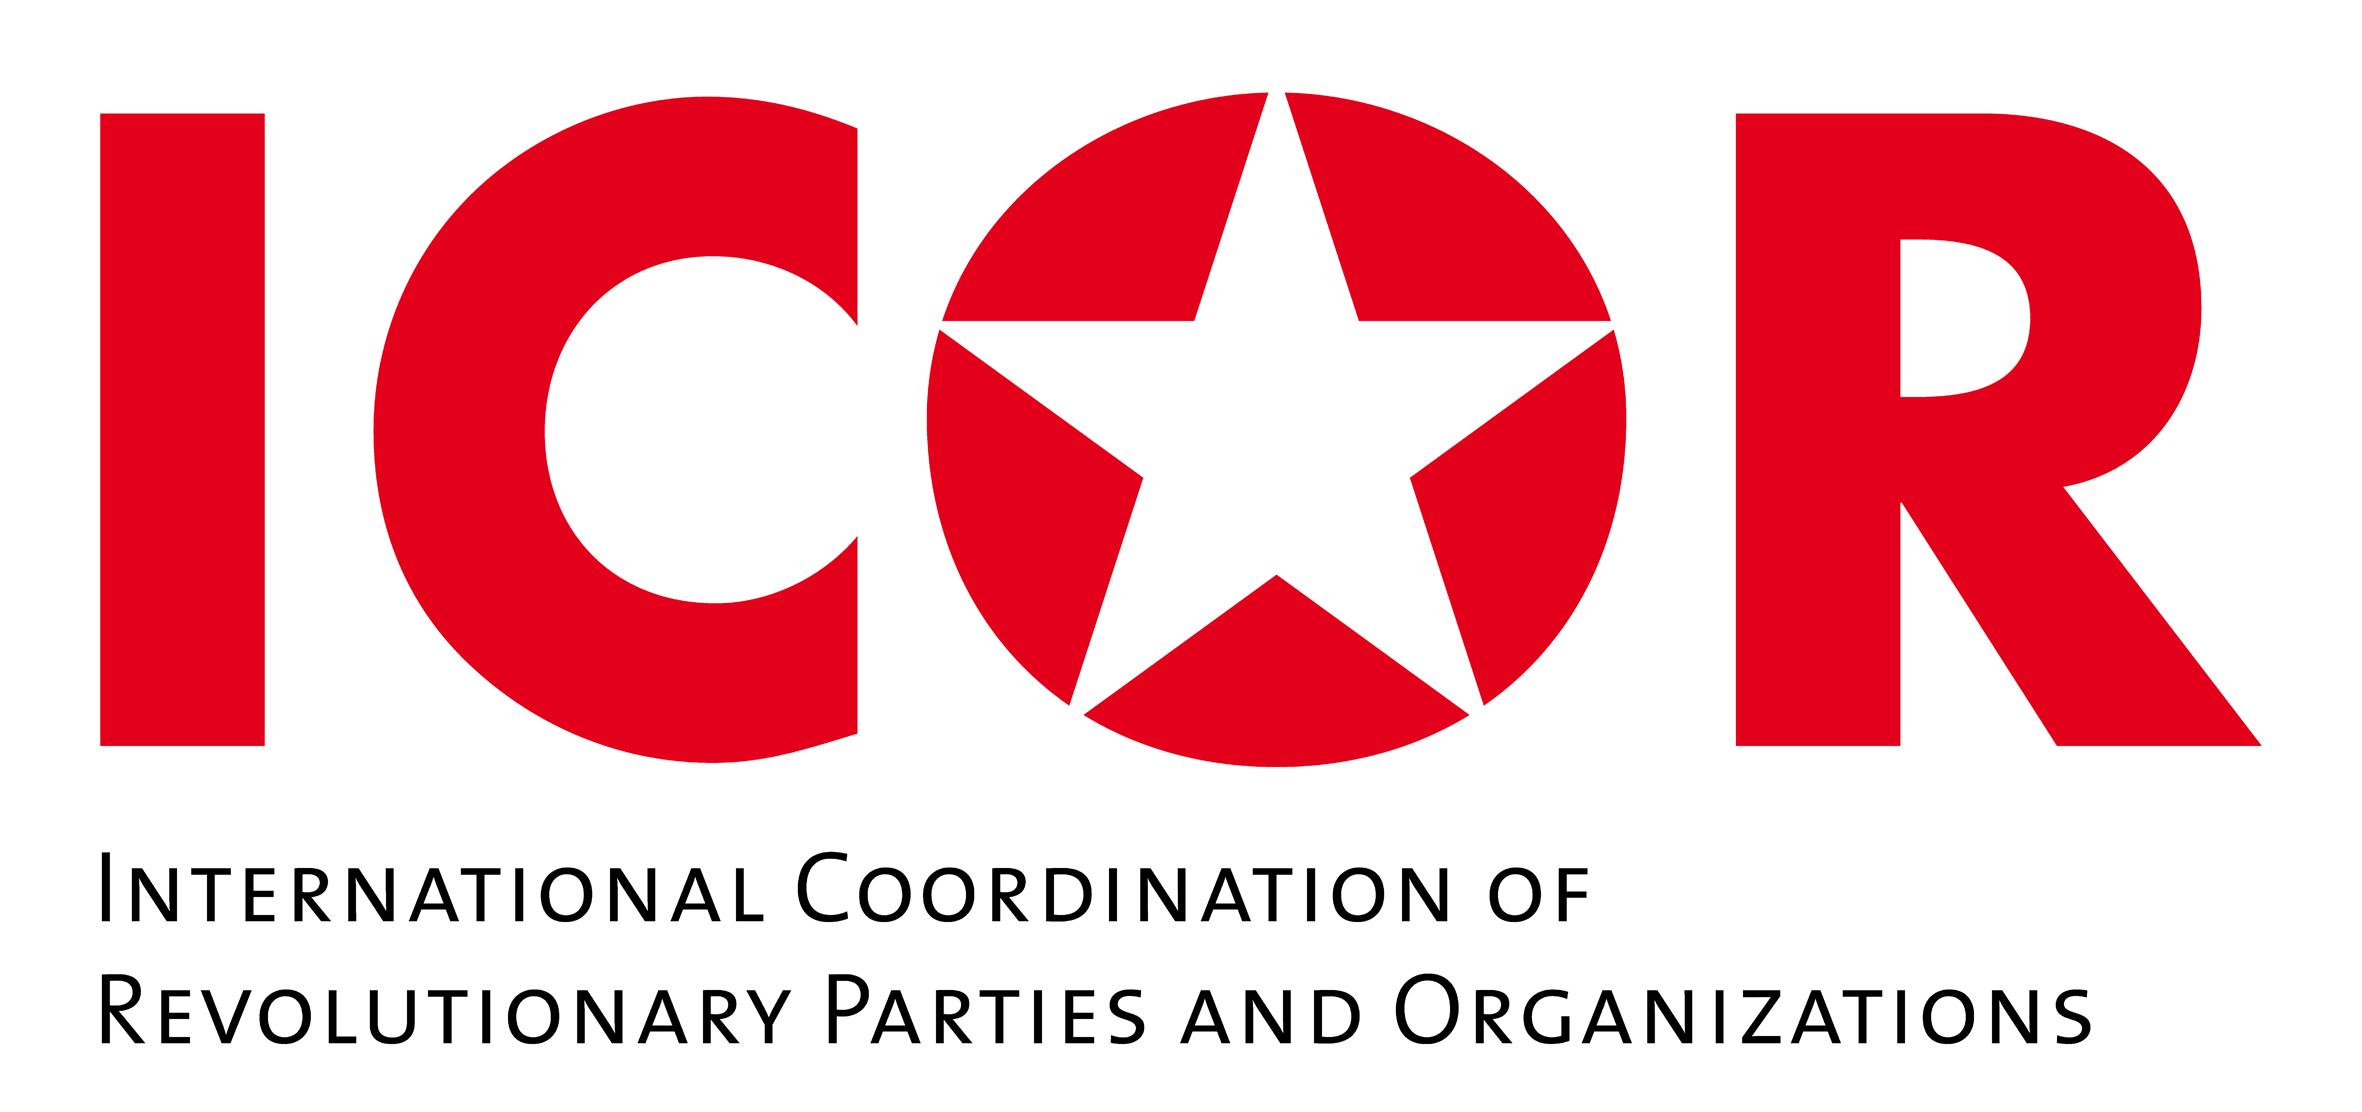 Aufruf der ICOR  zum internationalen Kampftag gegen Faschismus und Krieg  am 08./09. Mai, 06. August und 01. September 2018